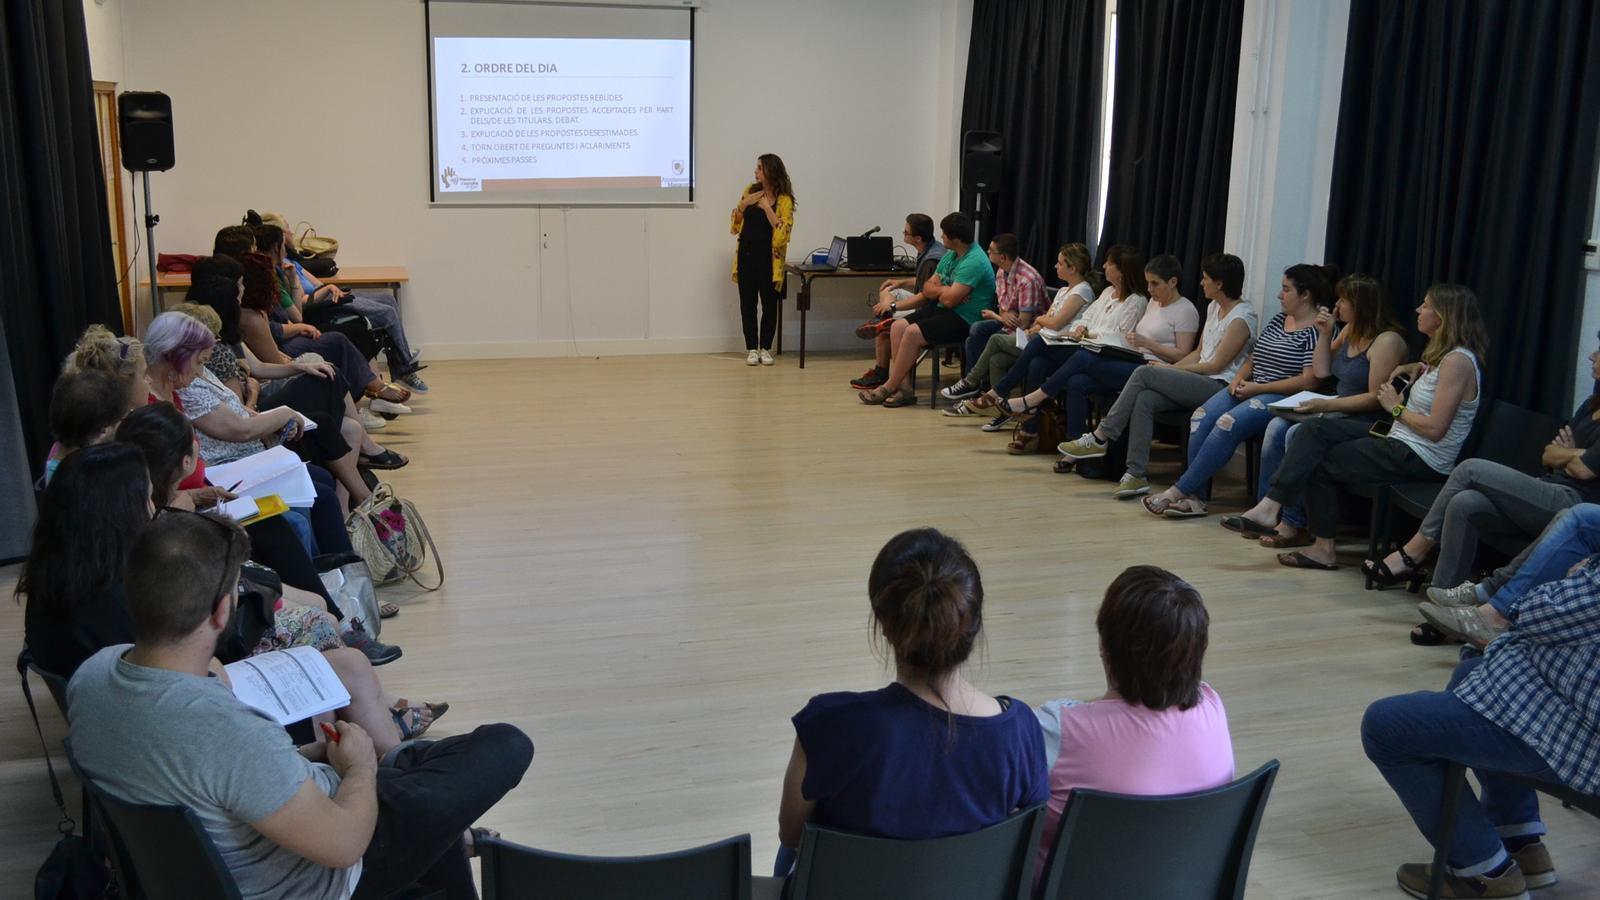 Assemblea ciutadana debatent sobre el projectes proposats per a la ciutat de Manacor.